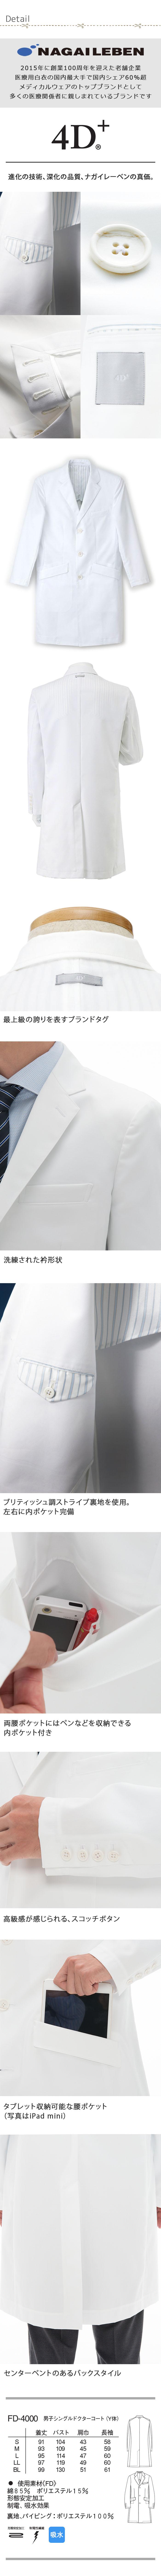 【歯科・医療ユニフォーム】形態安定性のある高品質テーラードジャケット【1色】男性用